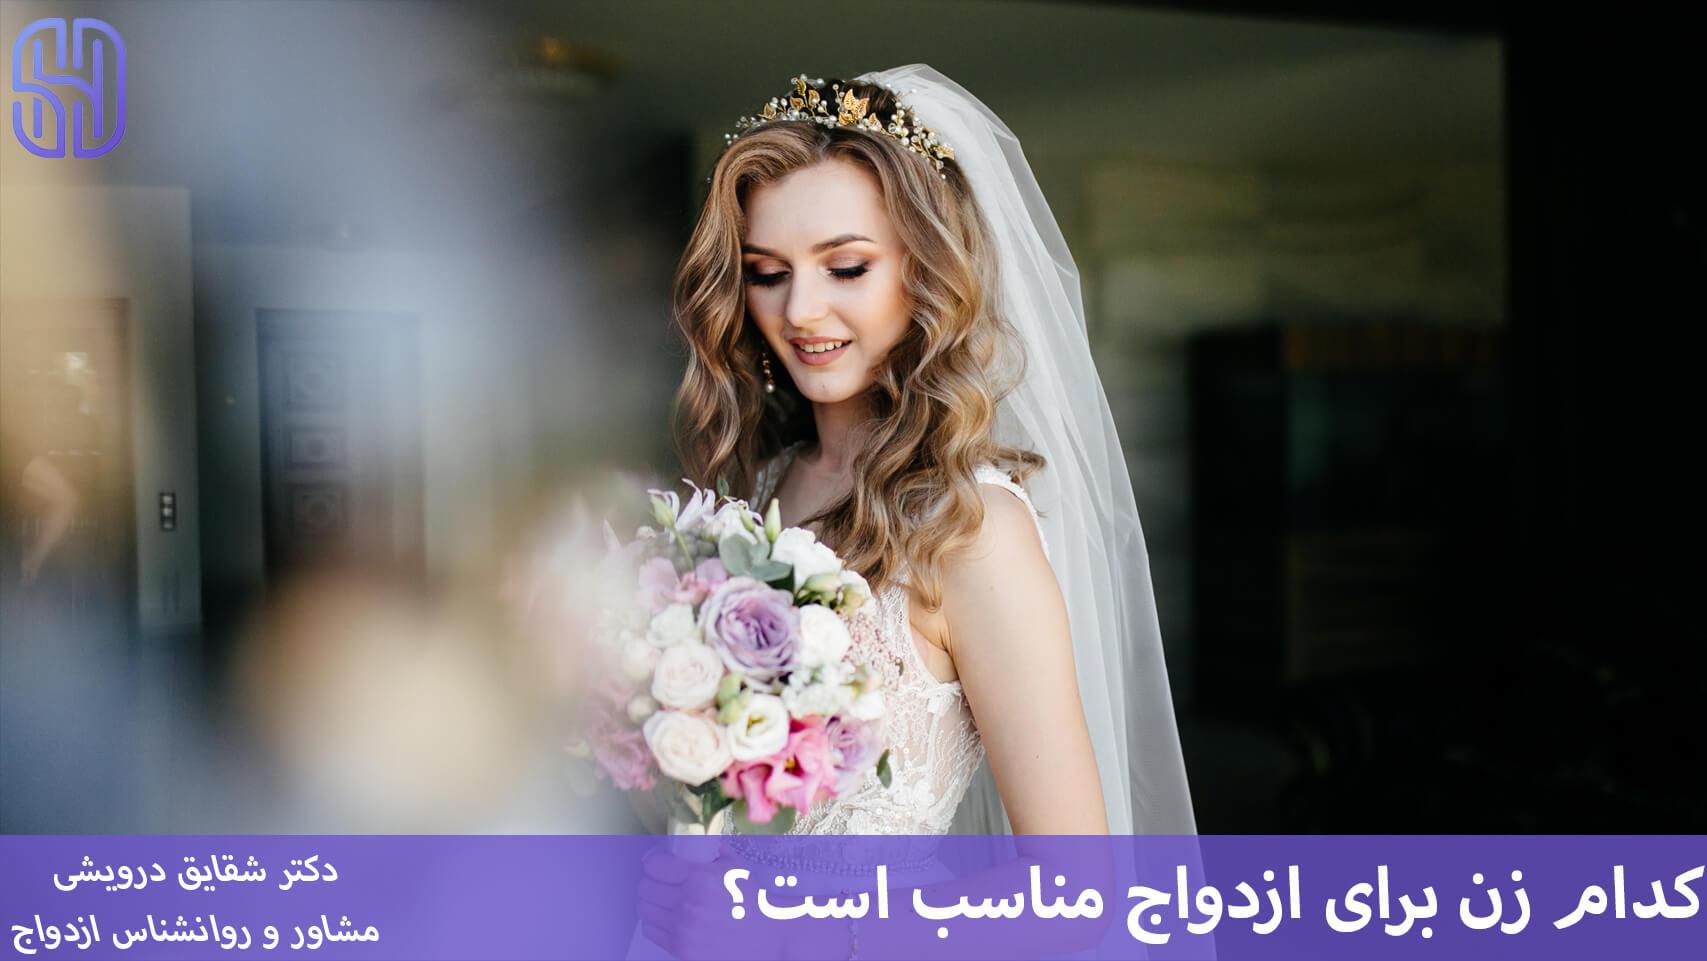 زن مناسب ازدواج